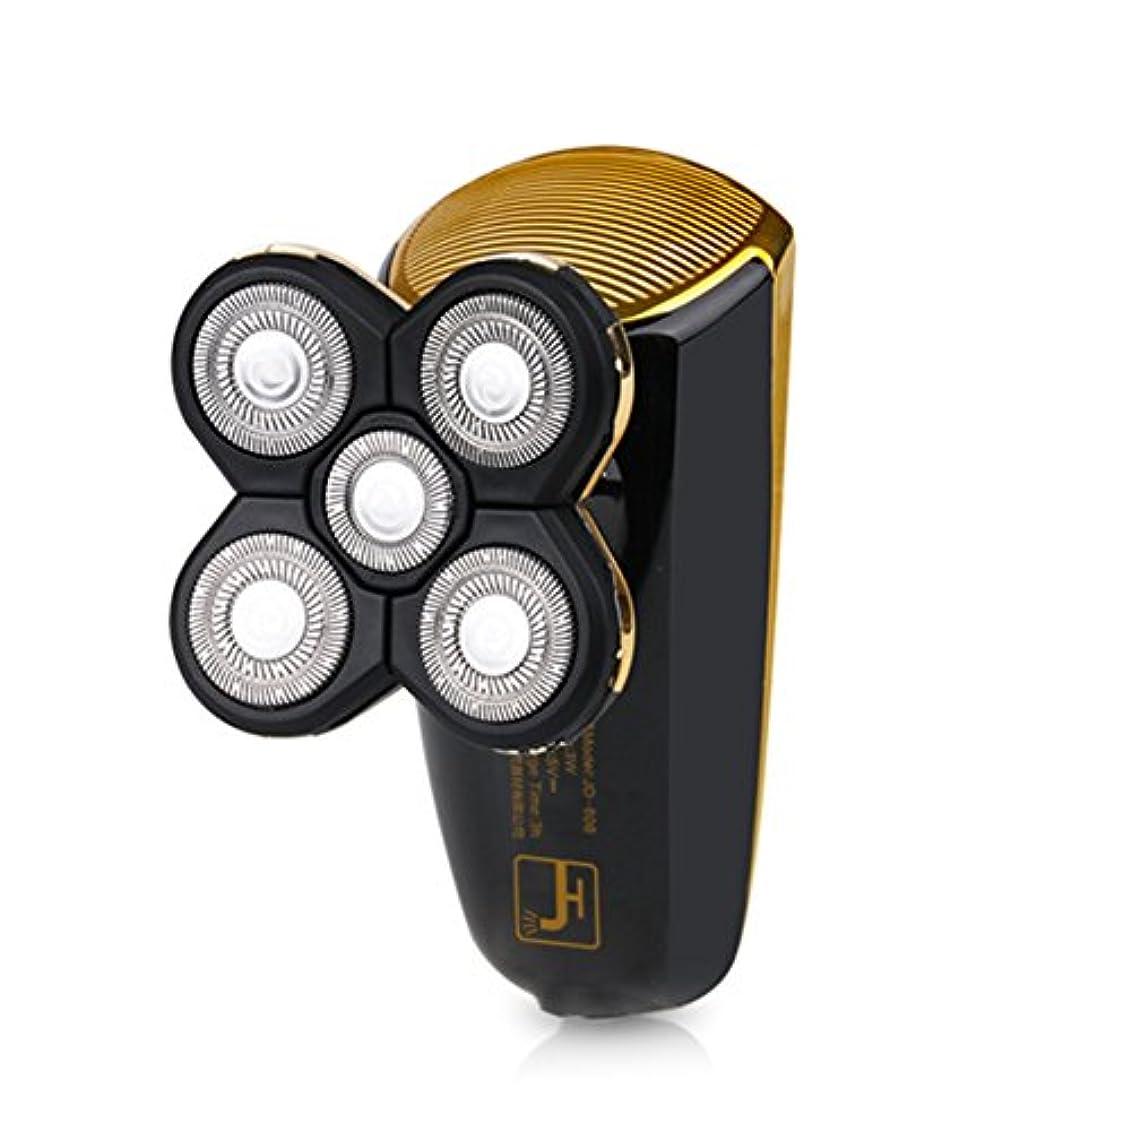 透明にファンブルフローメンズシェーバー 電気シェーバー 2in1多機能シェーバー 電動ひげ剃り 3Dフローティングヘッド 回転式 トラベルロック付き 坊主頭剃刀 USB充電 丸洗いOK